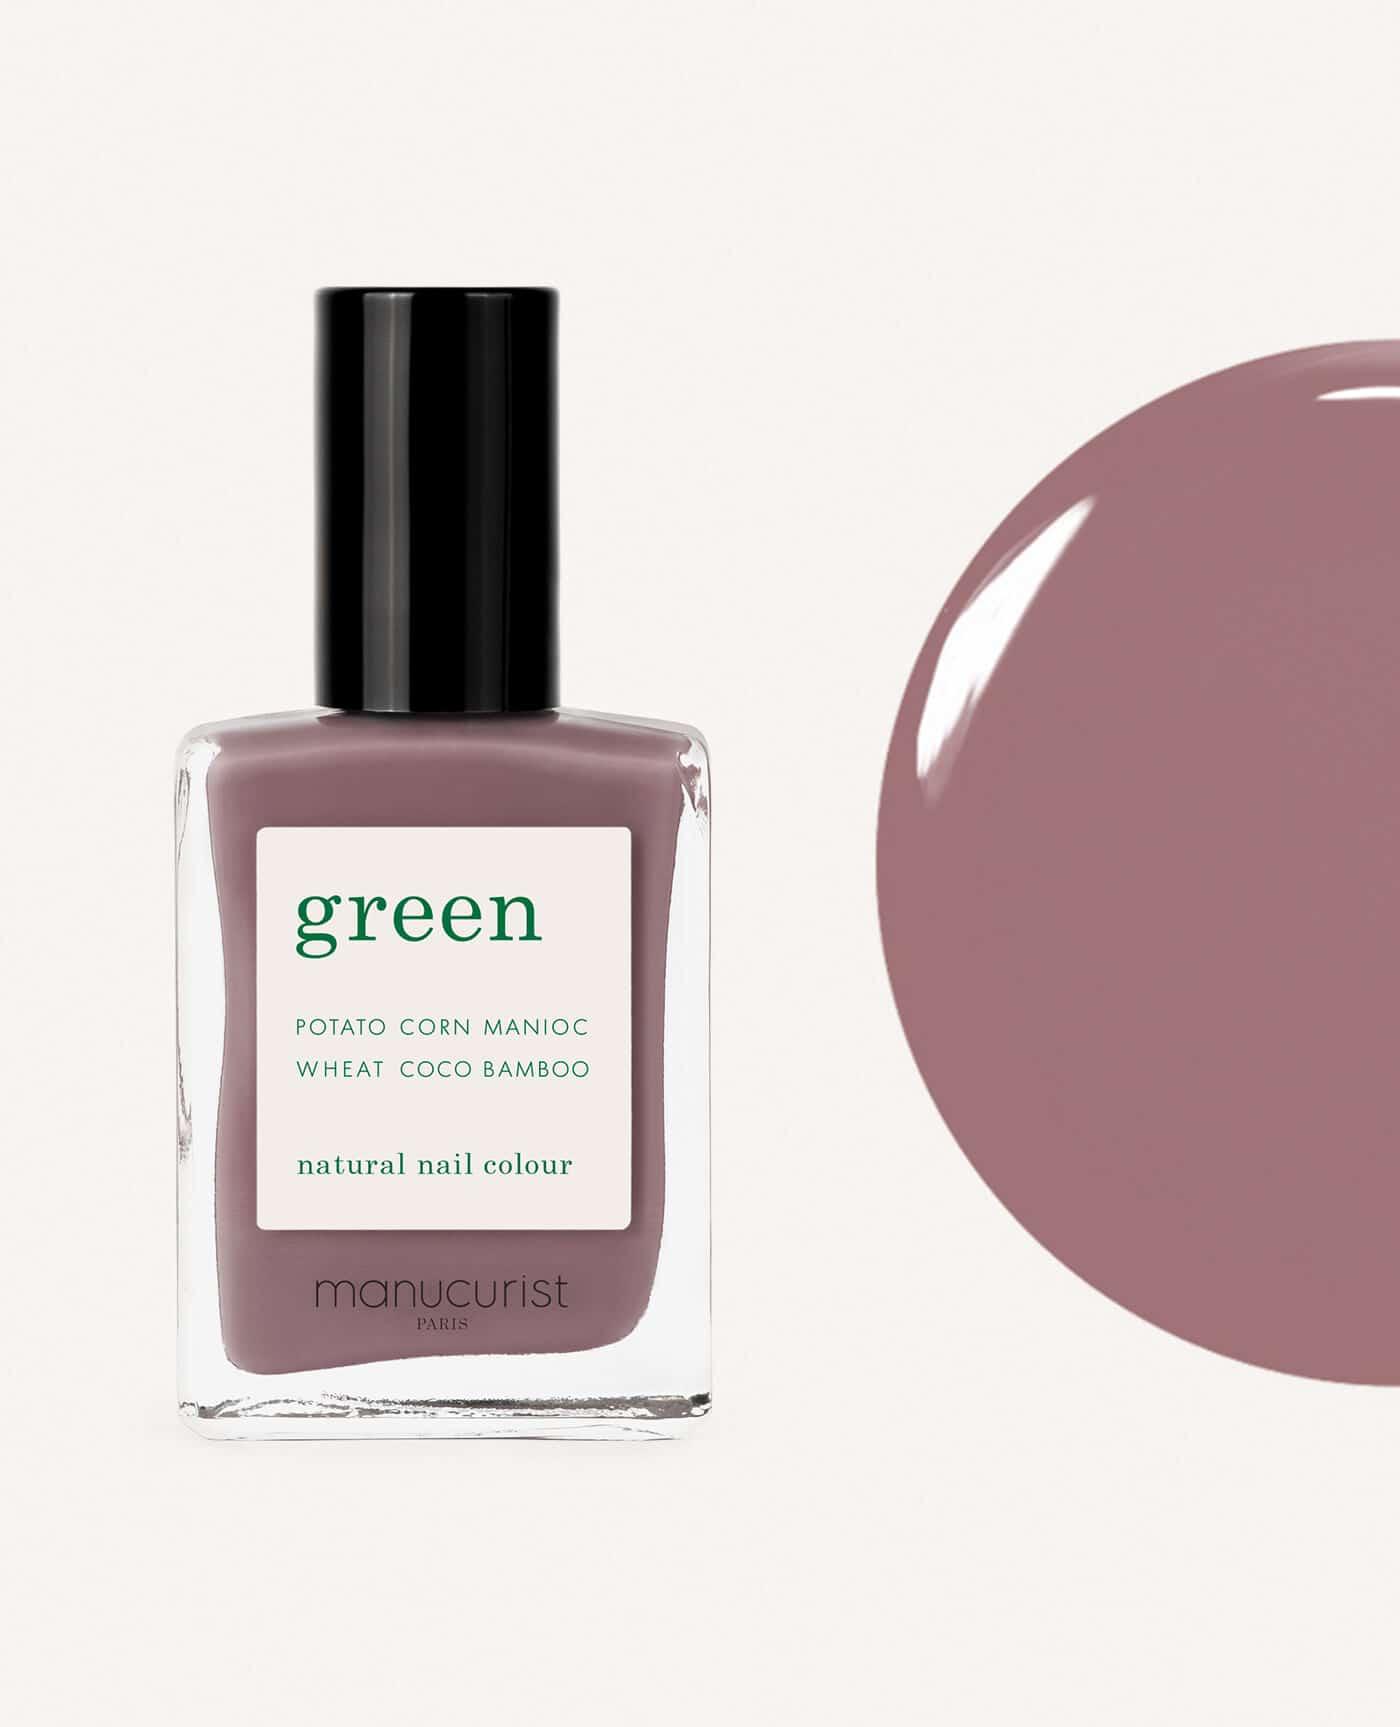 vernis à ongles bio green de la marque Manucurist made in france de couleur rose mountbatten